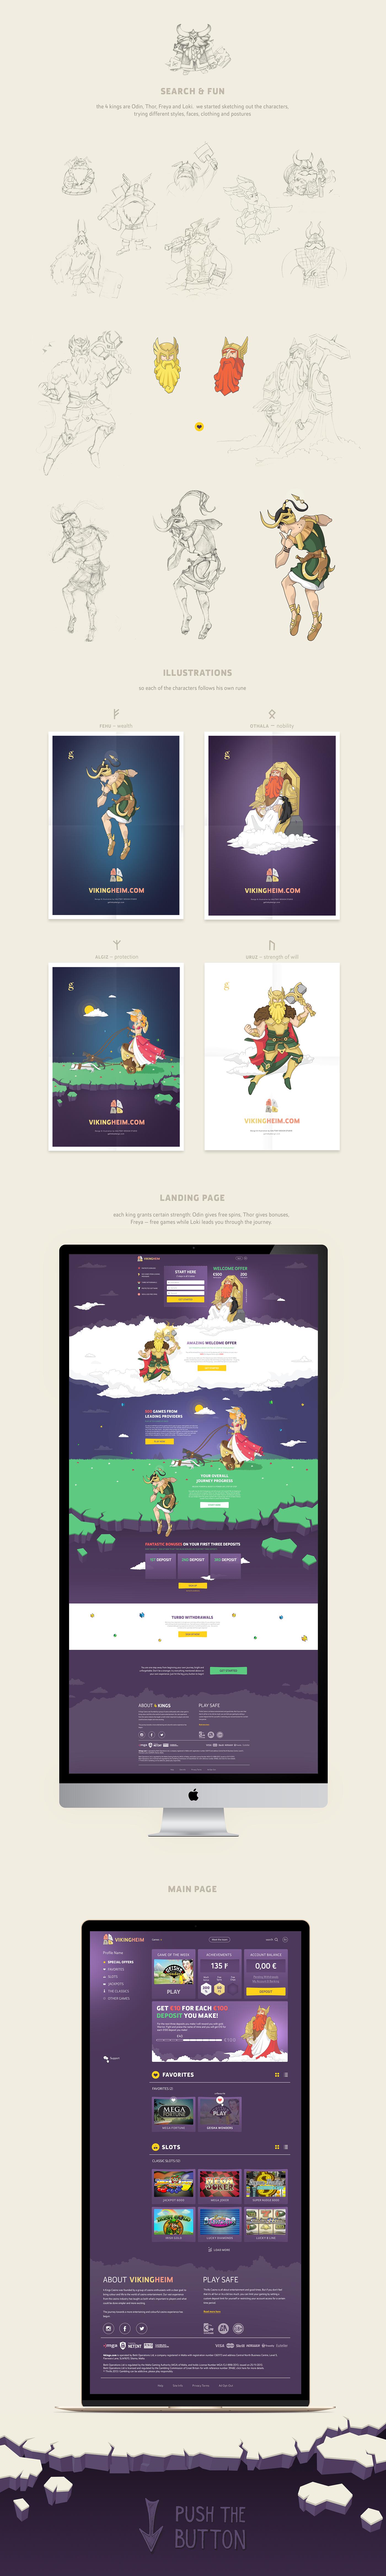 Online casino Vikingheim: Website, characters